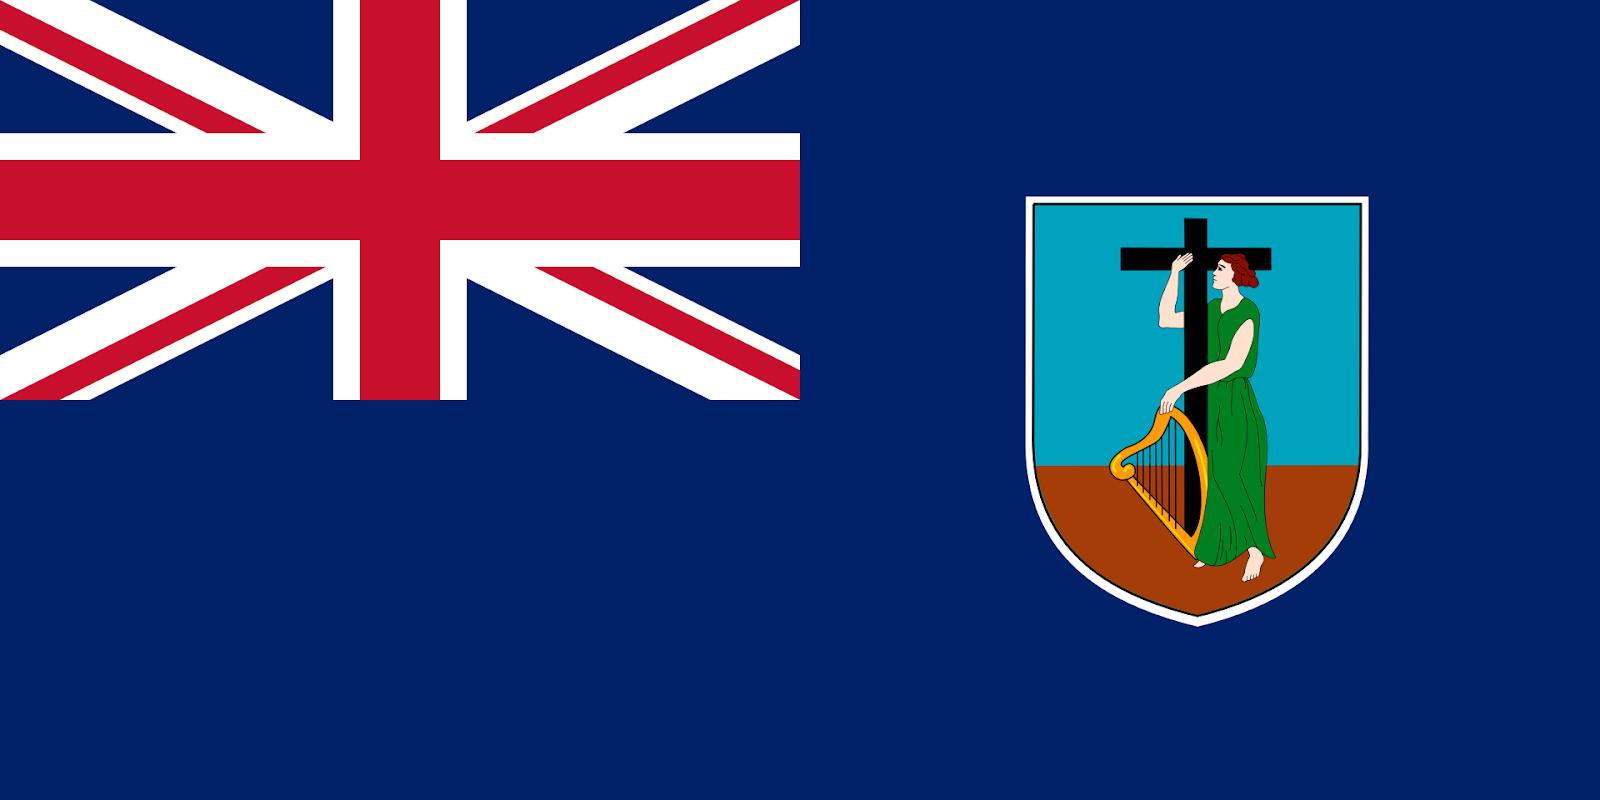 Flag with British and Irish emblems